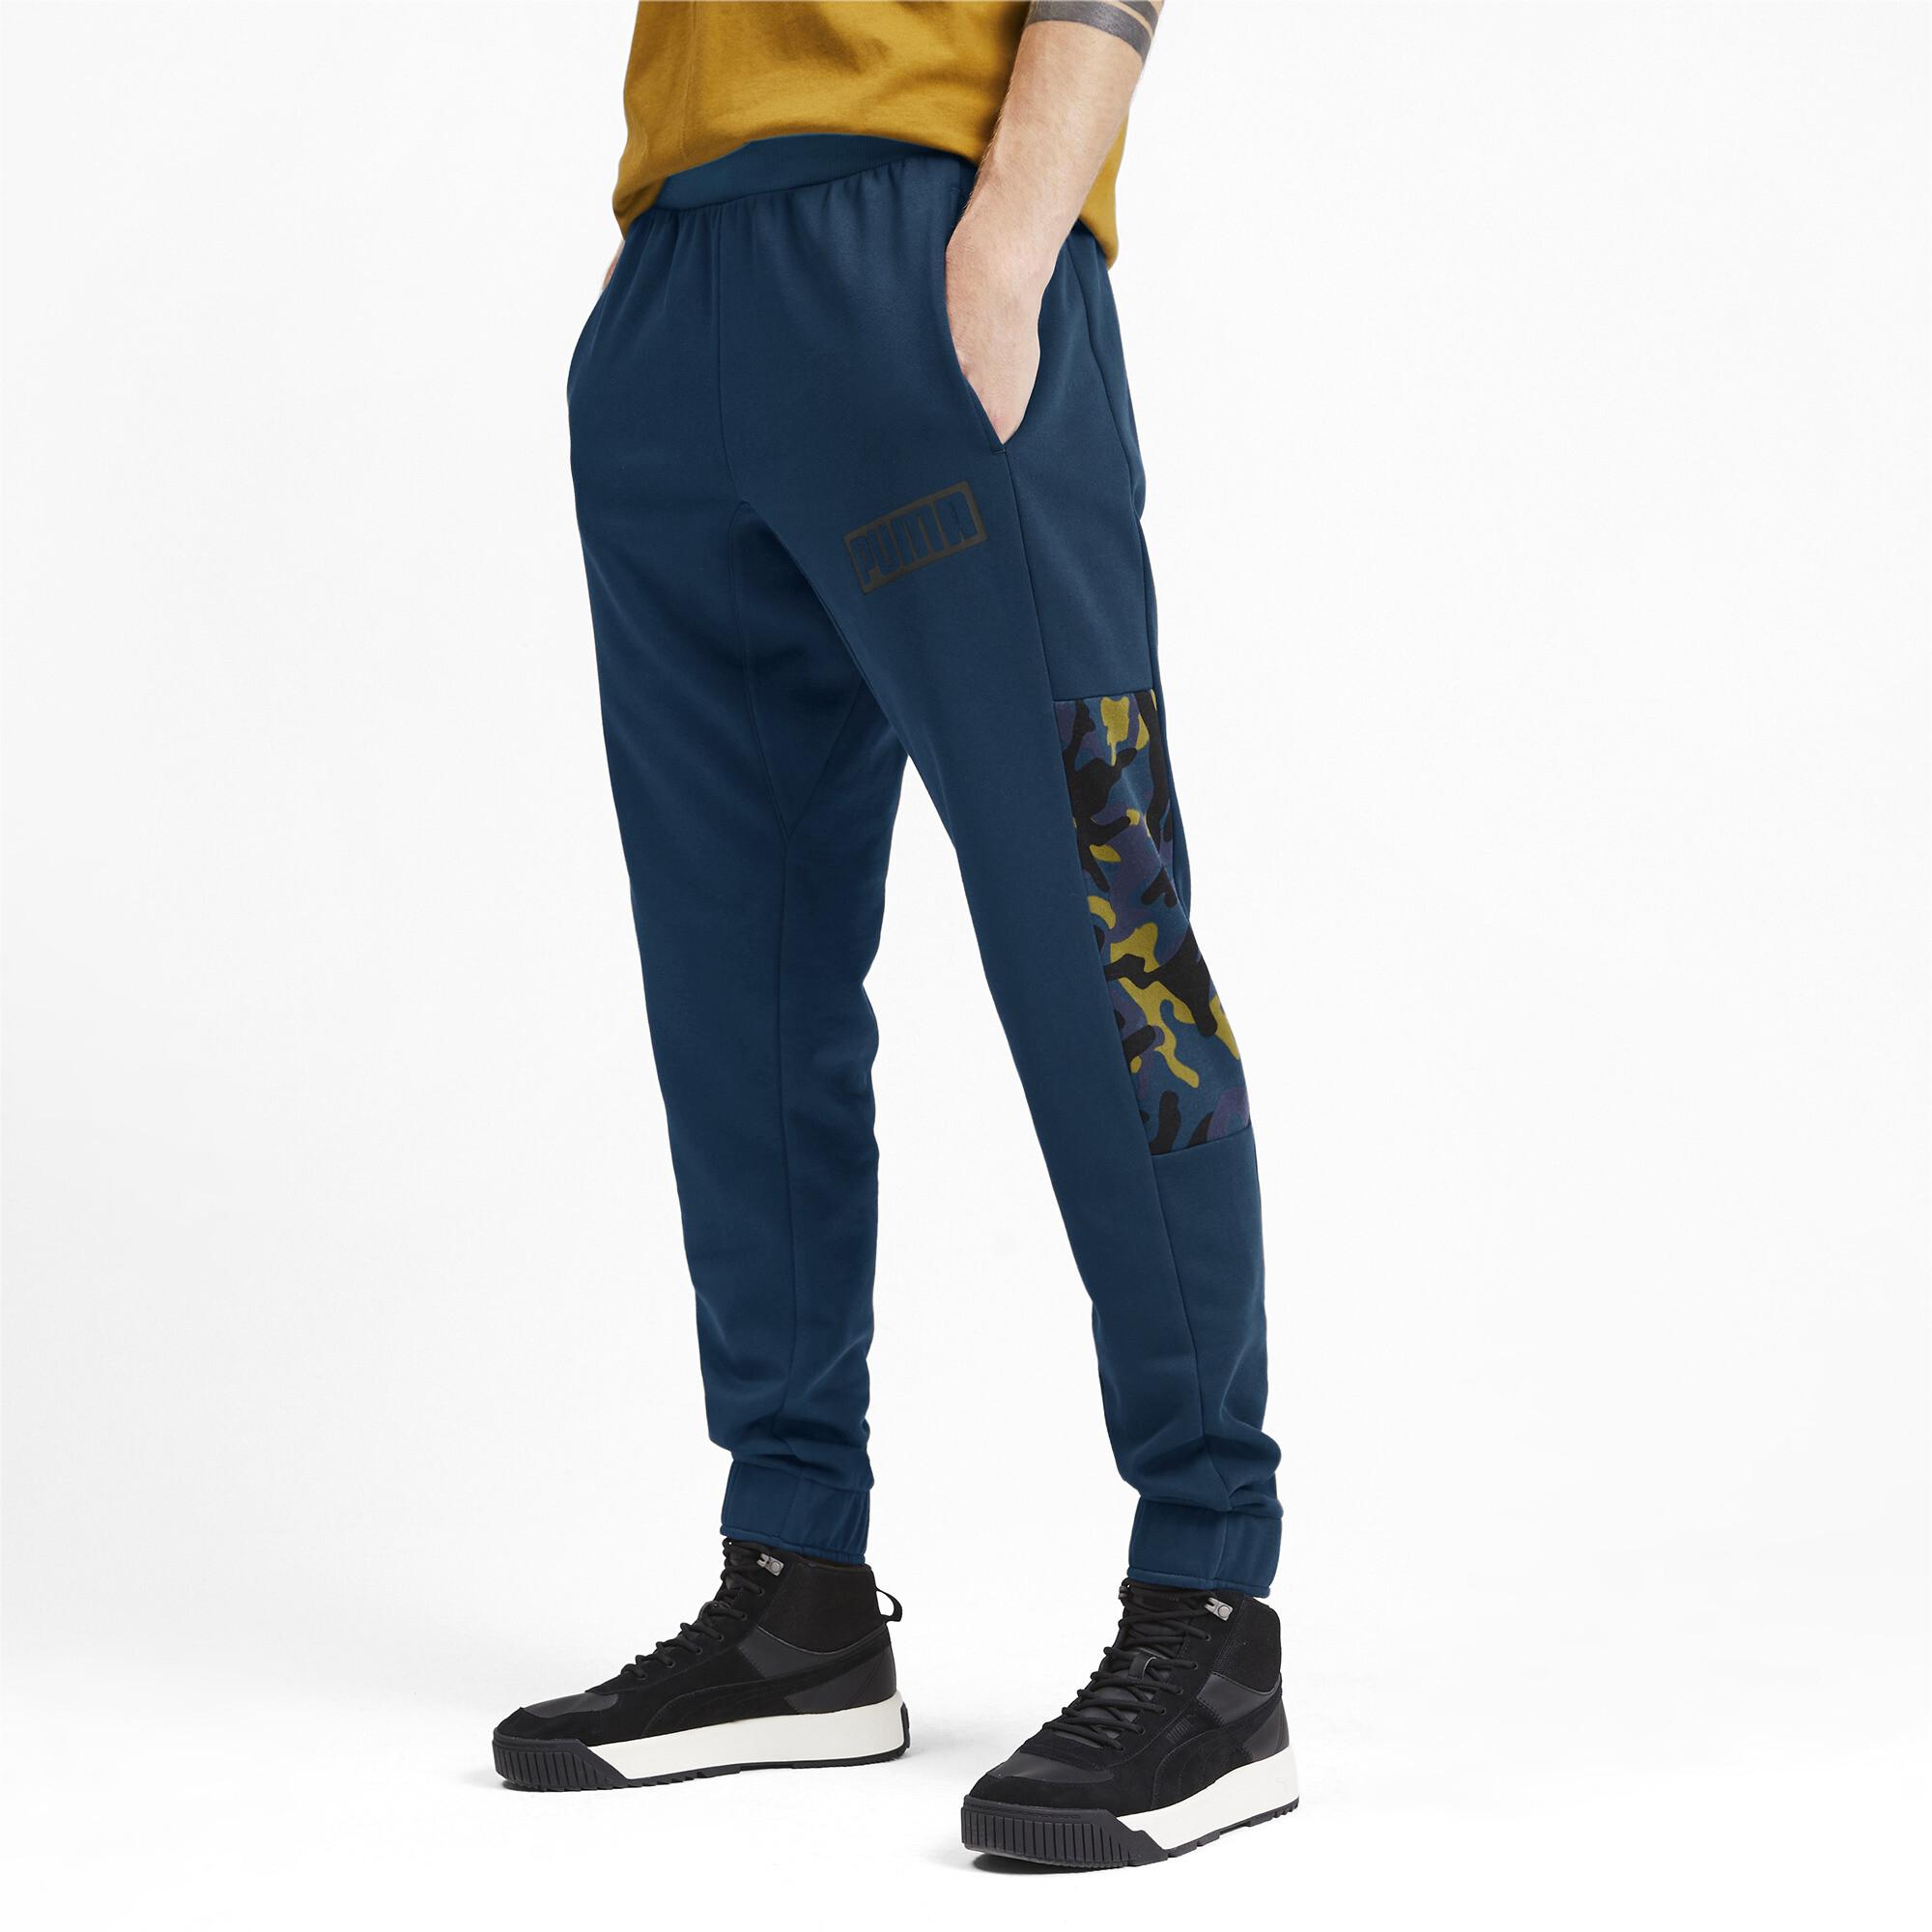 Puma-Pantalones-De-Hombre-Camuflaje-rebelde-hombre-de-punto-pantalones-Basics miniatura 8